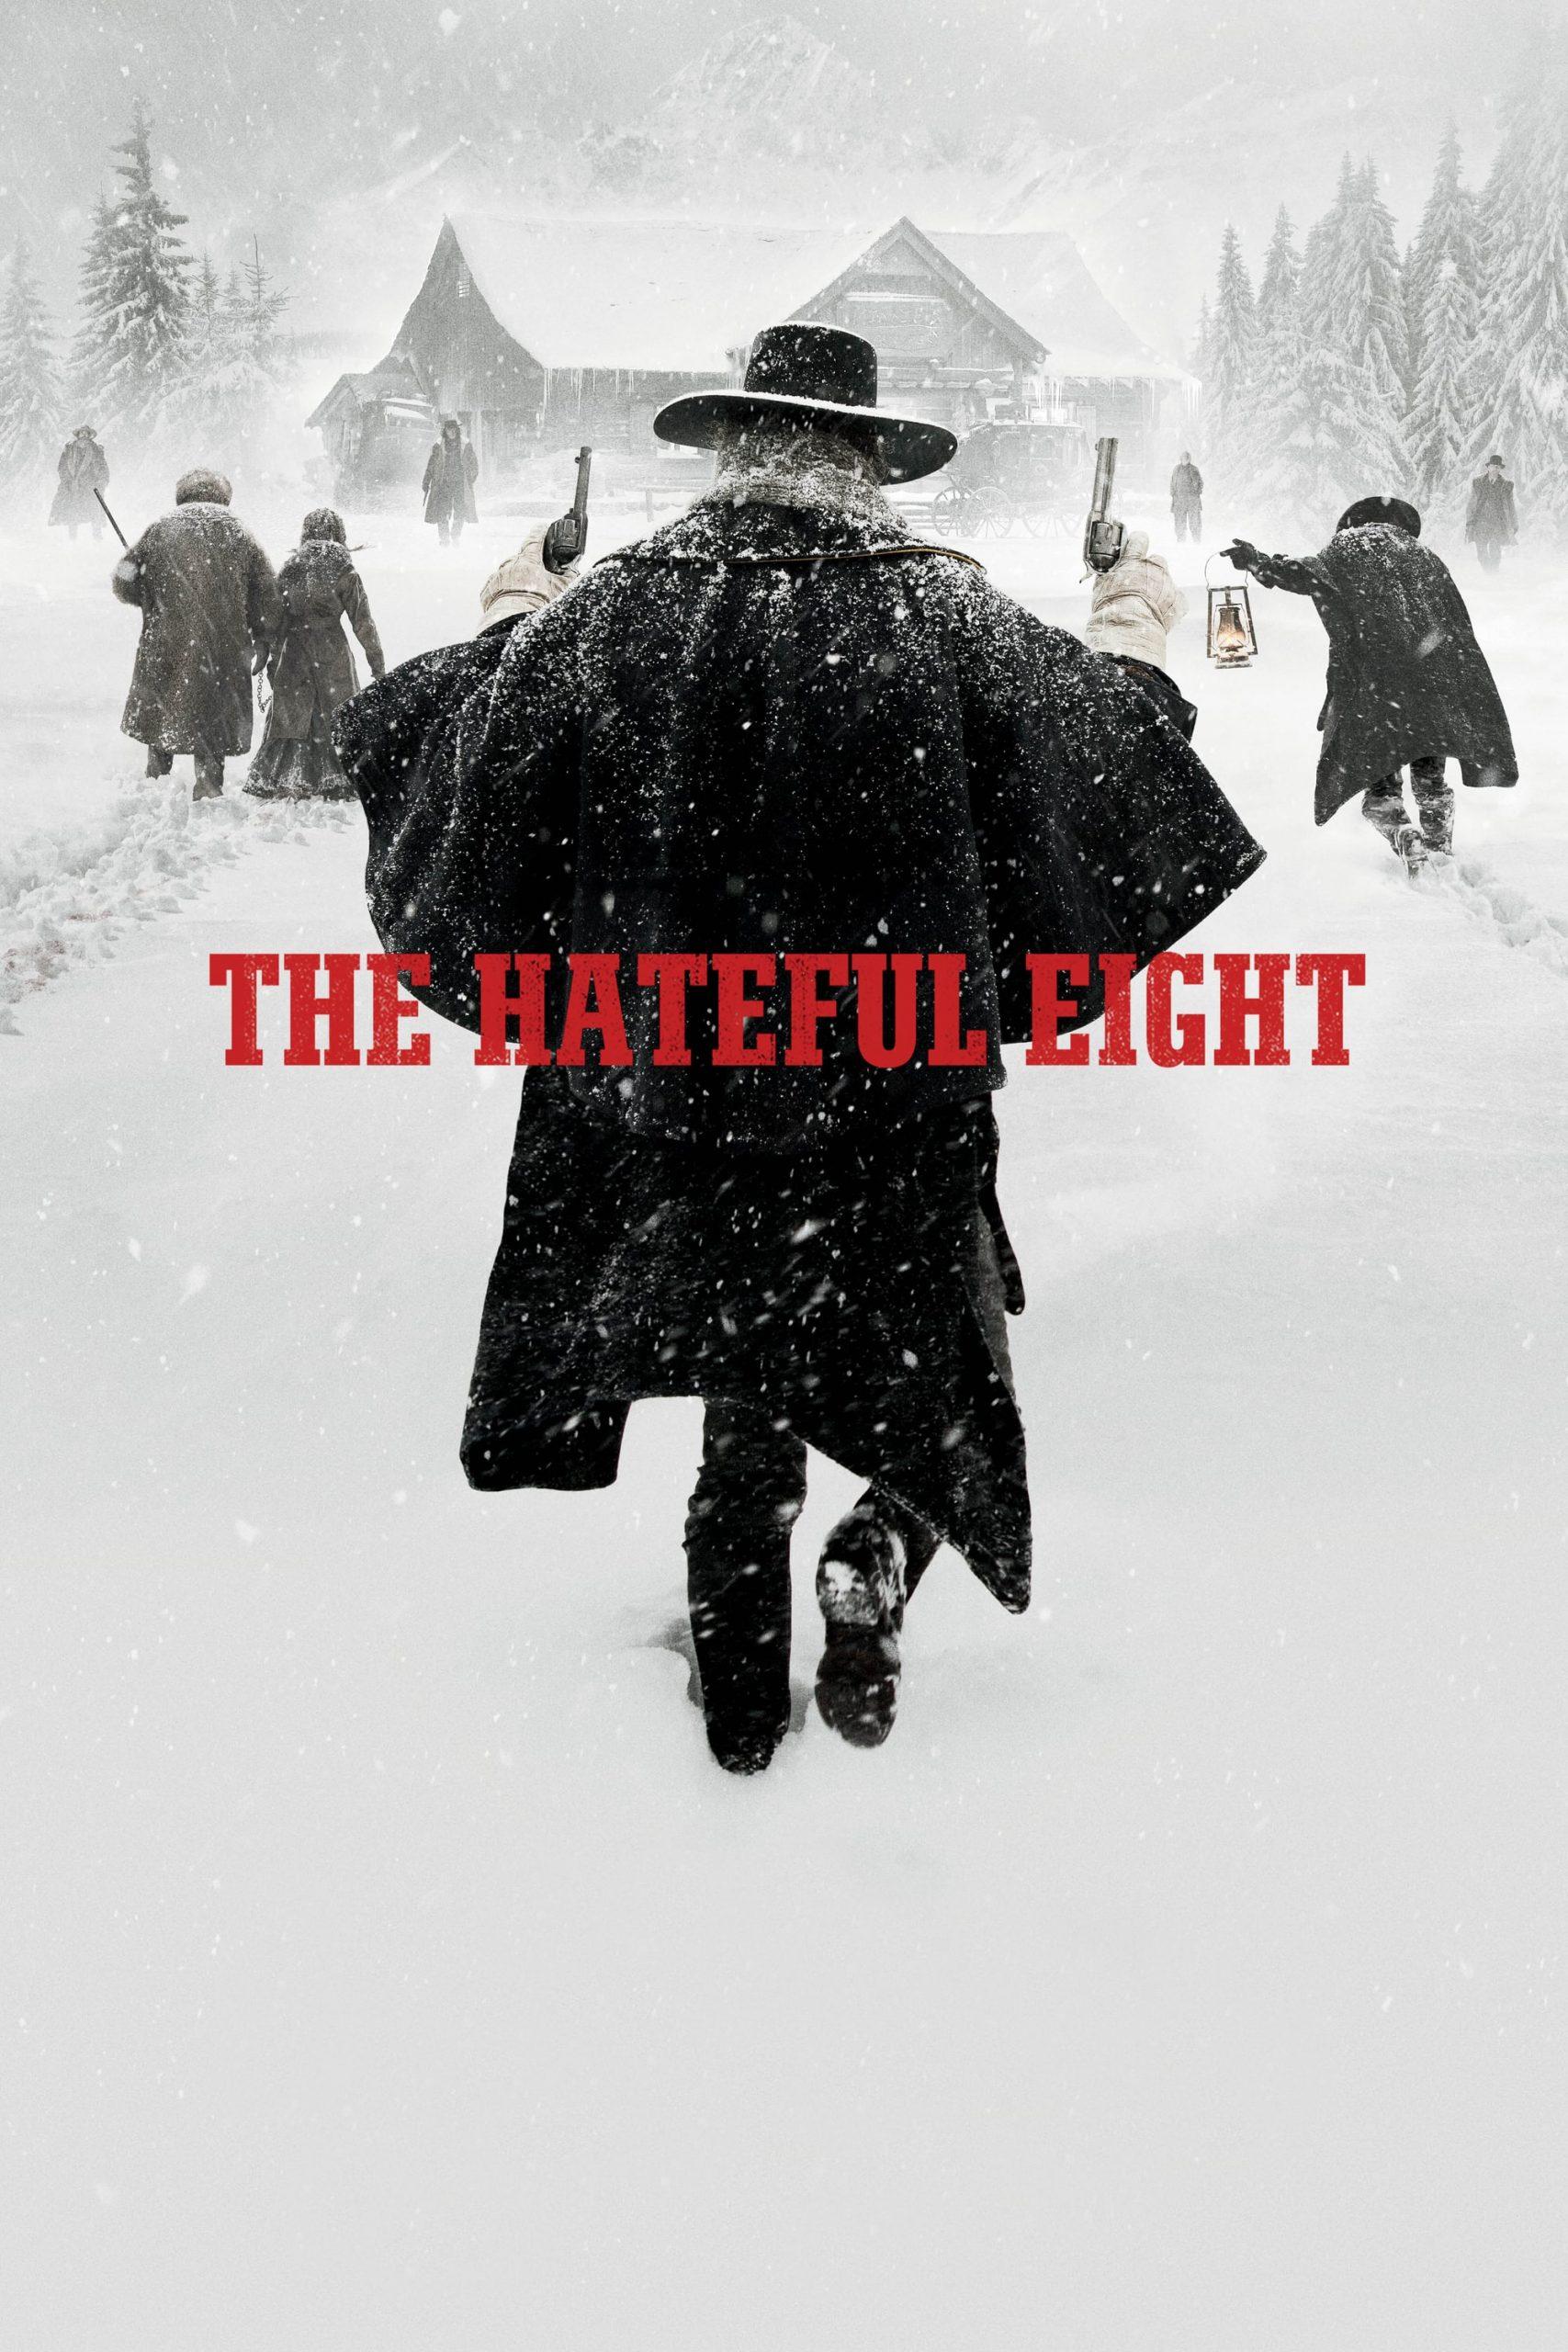 دانلود فیلم The Hateful Eight 2015 با دوبله فارسی